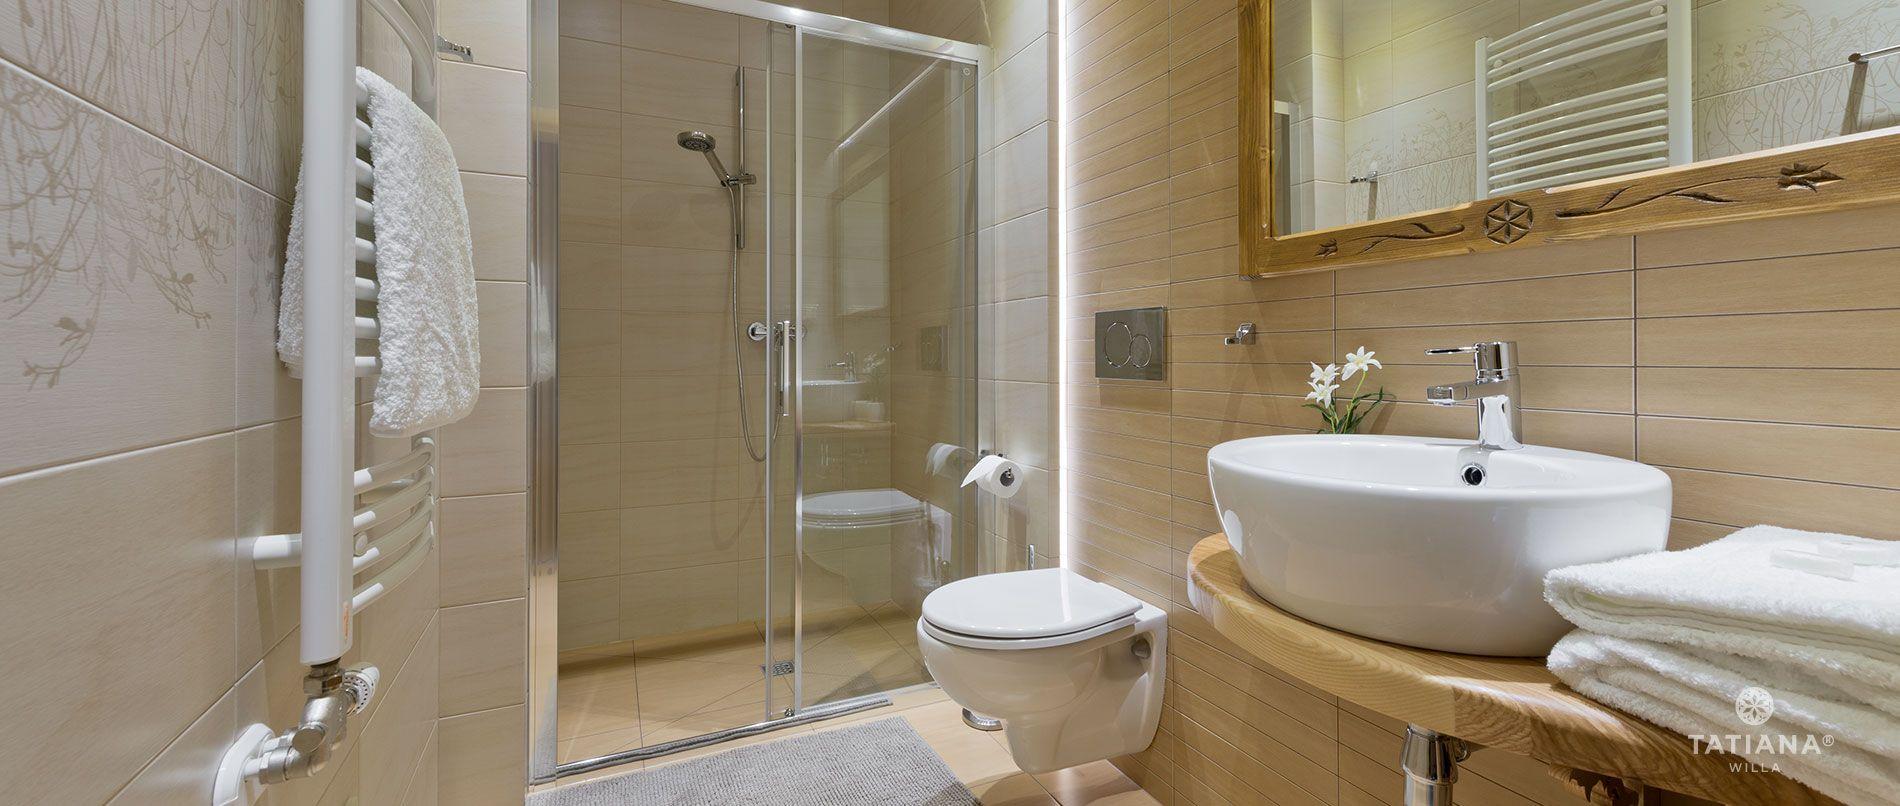 Apartament Lux 14 - łazienka